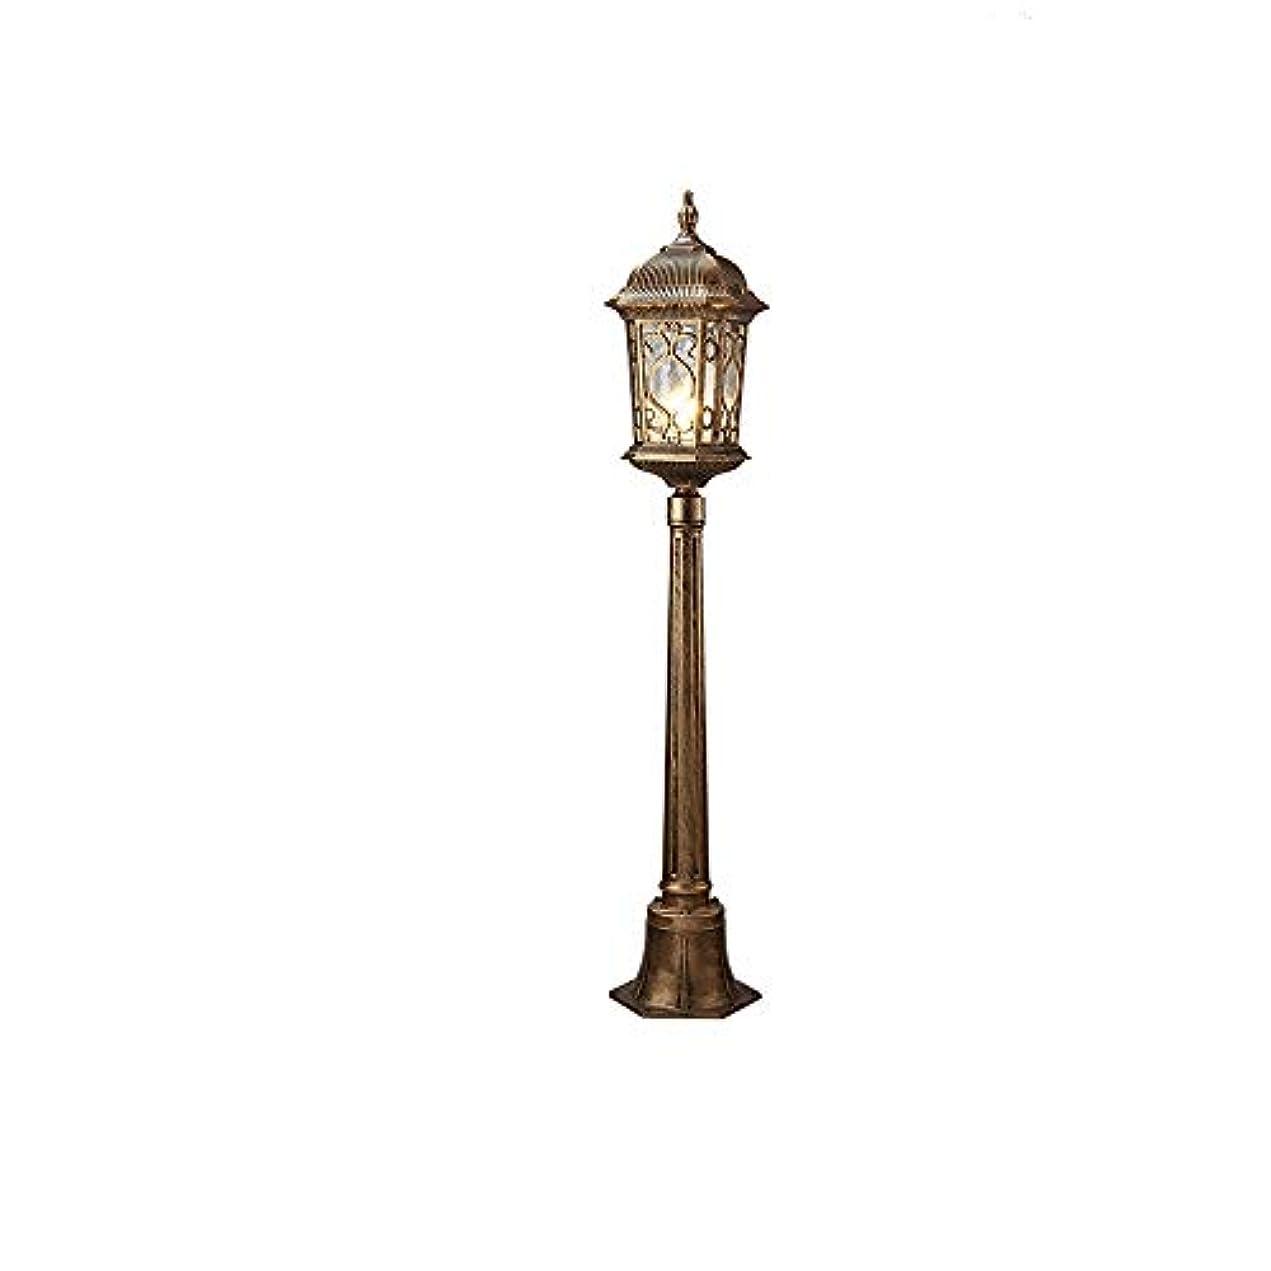 郵便局処分した昼寝Pinjeer E27ヴィンテージ屋外ガラスランプシェードポール街路灯ライトIP55防水金属アルミ戸外道ウェイポストライトガーデンヴィラ芝生中庭装飾コラムランプ (Color : Brass, サイズ : Height 1.15m)